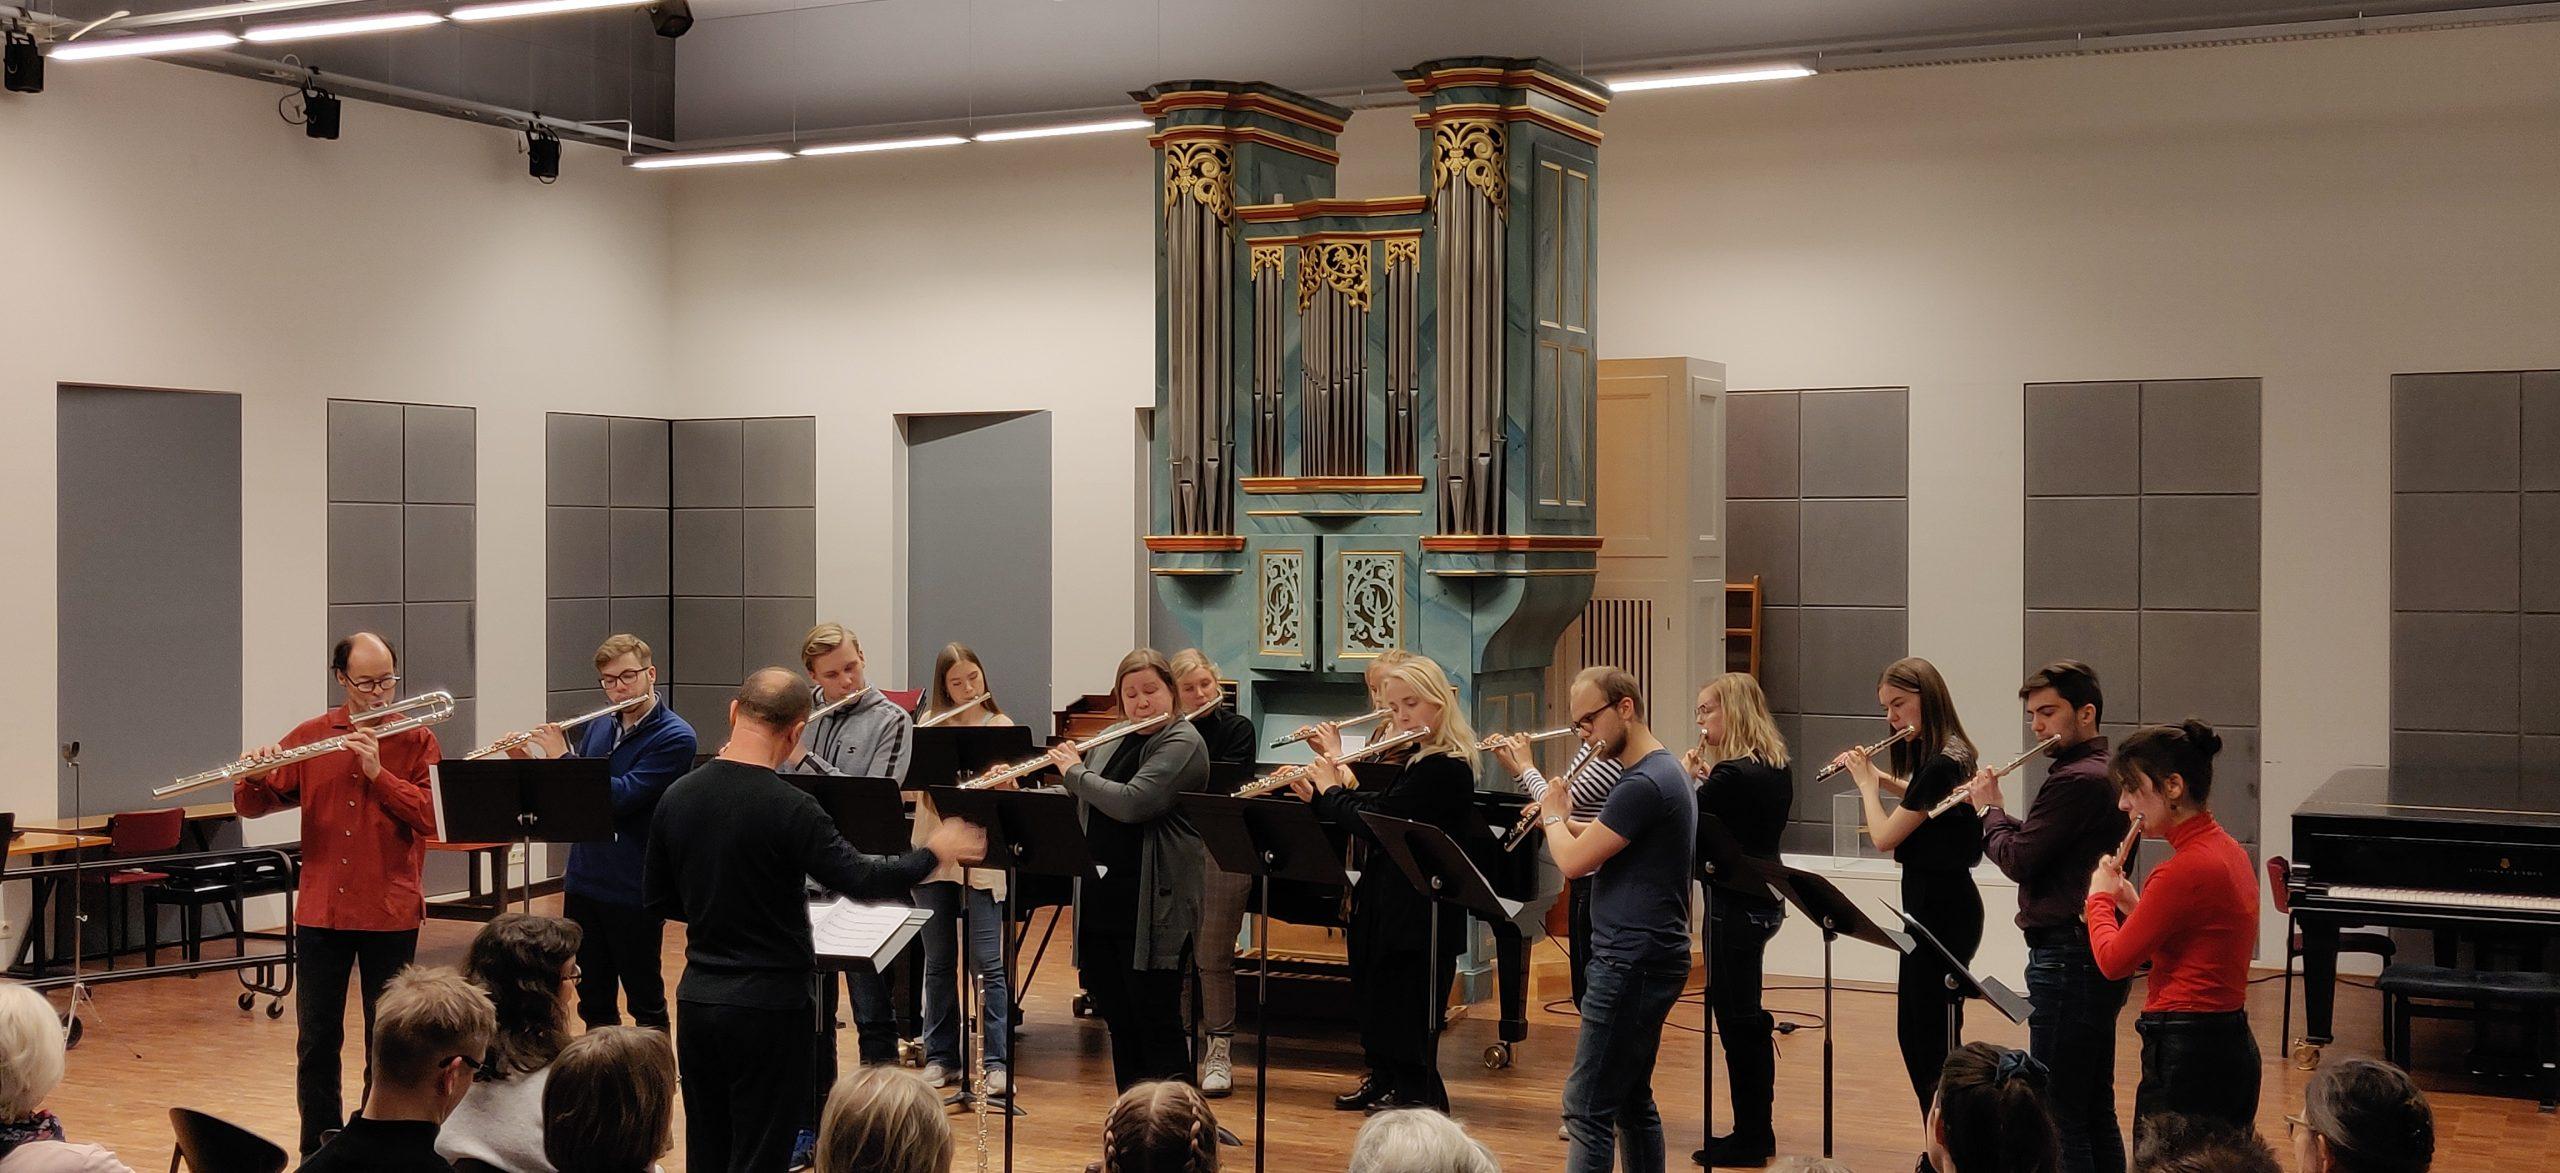 Suuri huiluorkesteri harjoittelee Crichton-salissa.